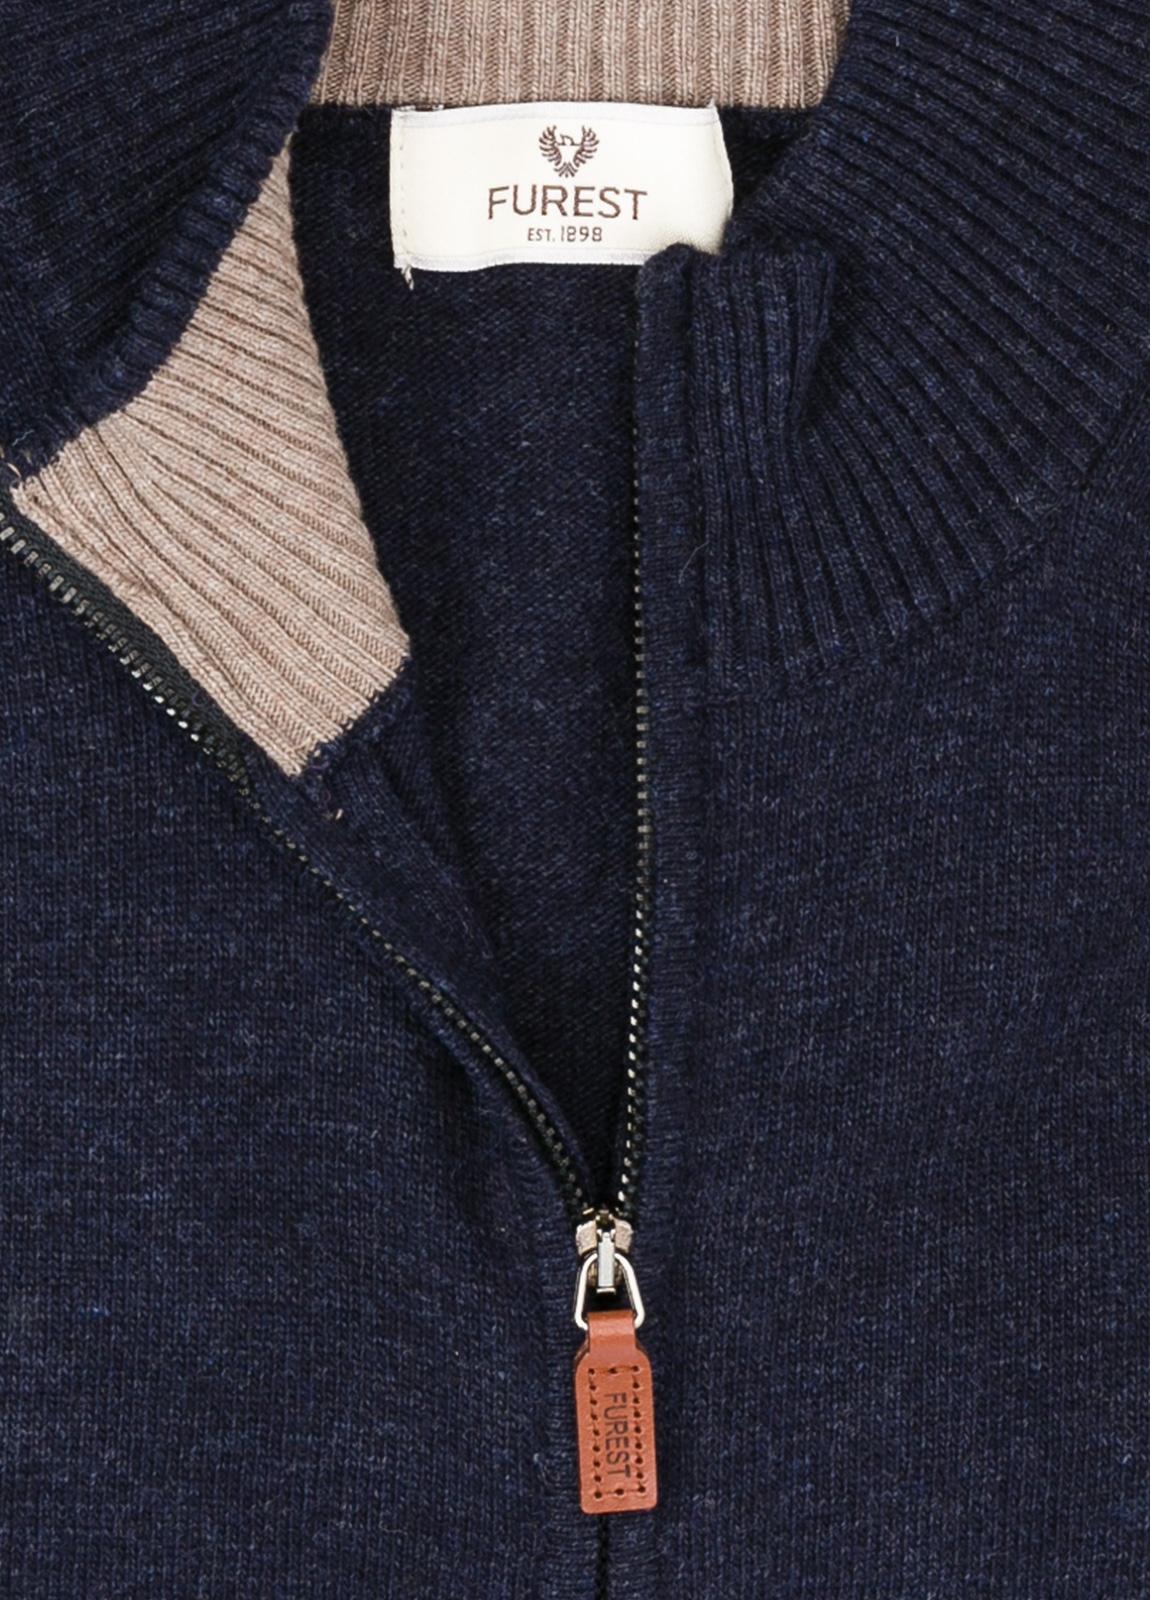 Jersey liso cremallera doble carro, color azul marino, 40% lana merino, 30% viscosa, 10% cachemire